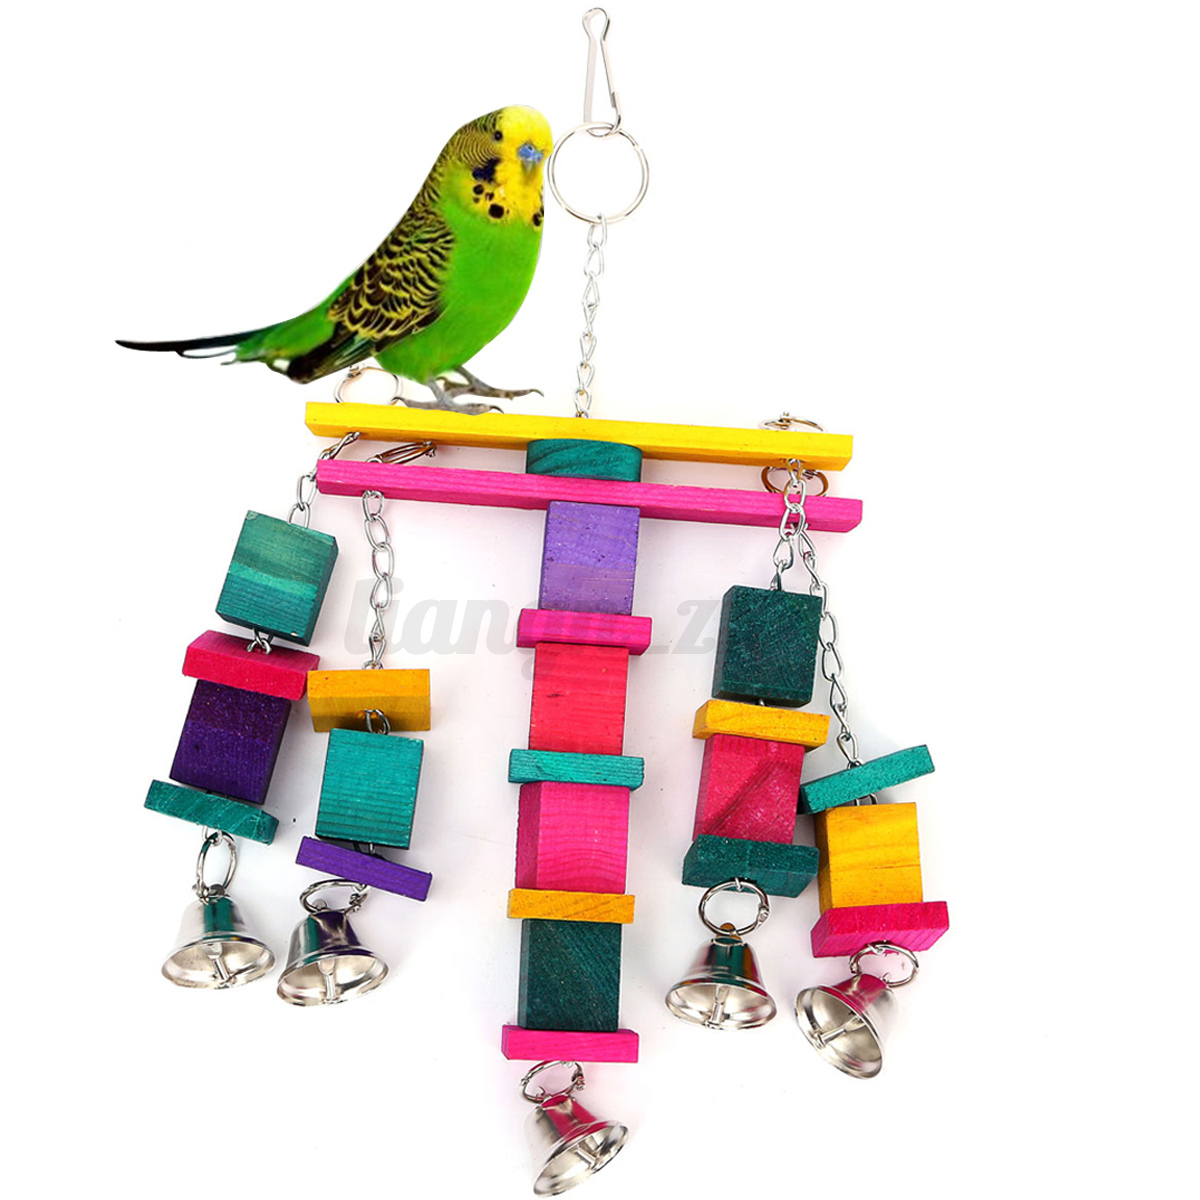 color jouet balan oire suspension bois pour l 39 oiseau. Black Bedroom Furniture Sets. Home Design Ideas